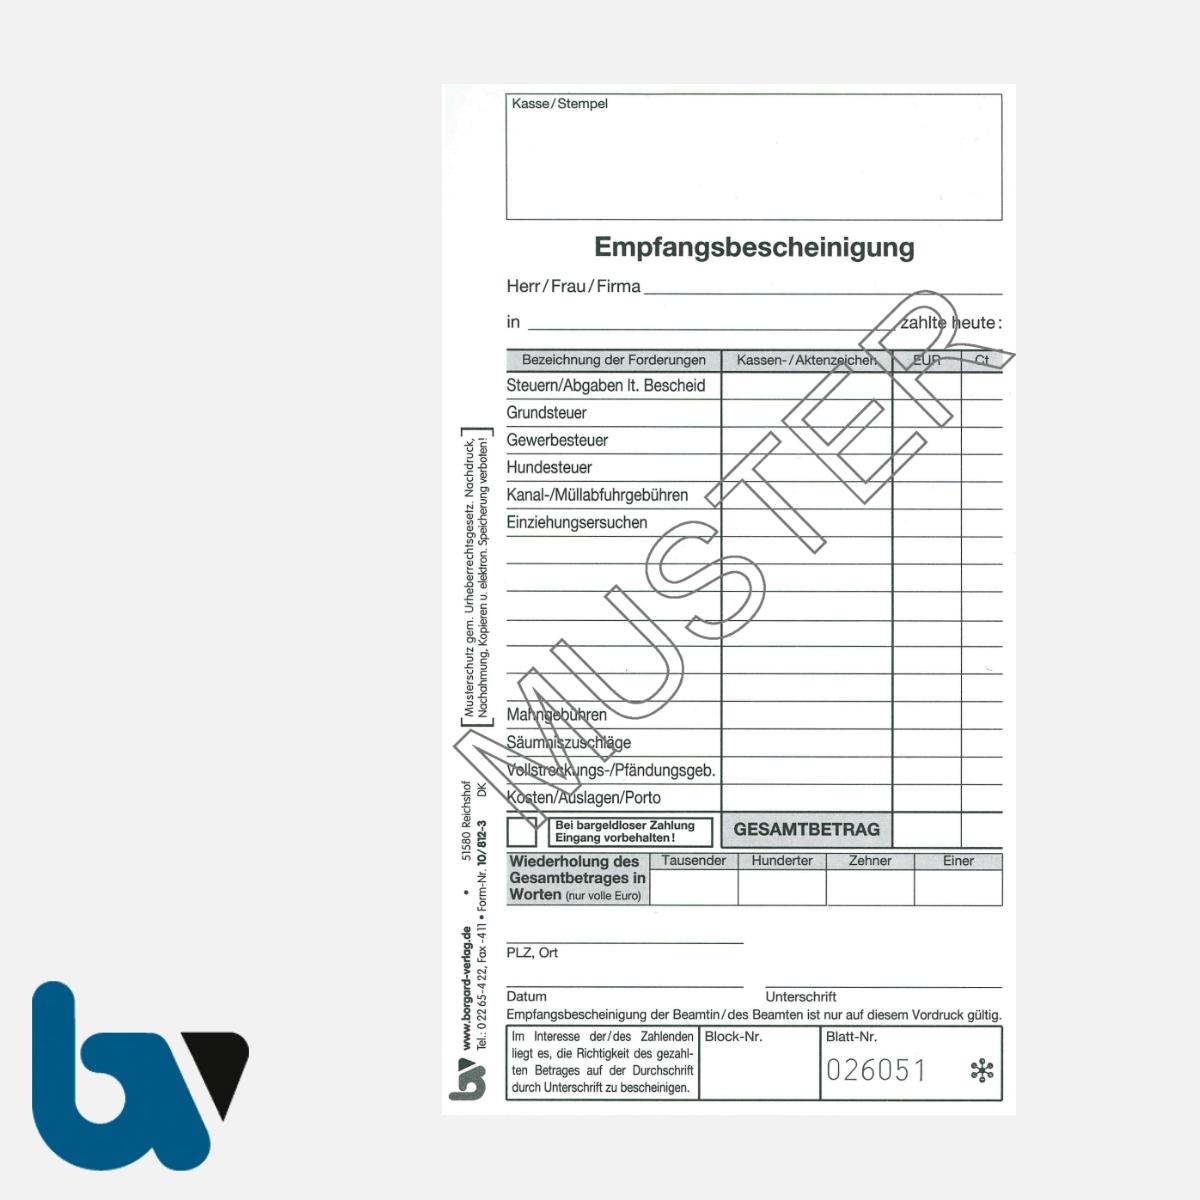 10/812-3 Quittung Empfangsbescheinigung Kasse Forderung selbstdurchschreibend 3-fach Schreibschutzdeckel Nummerierung fortlaufend DIN lang S 1 | Borgard Verlag GmbH